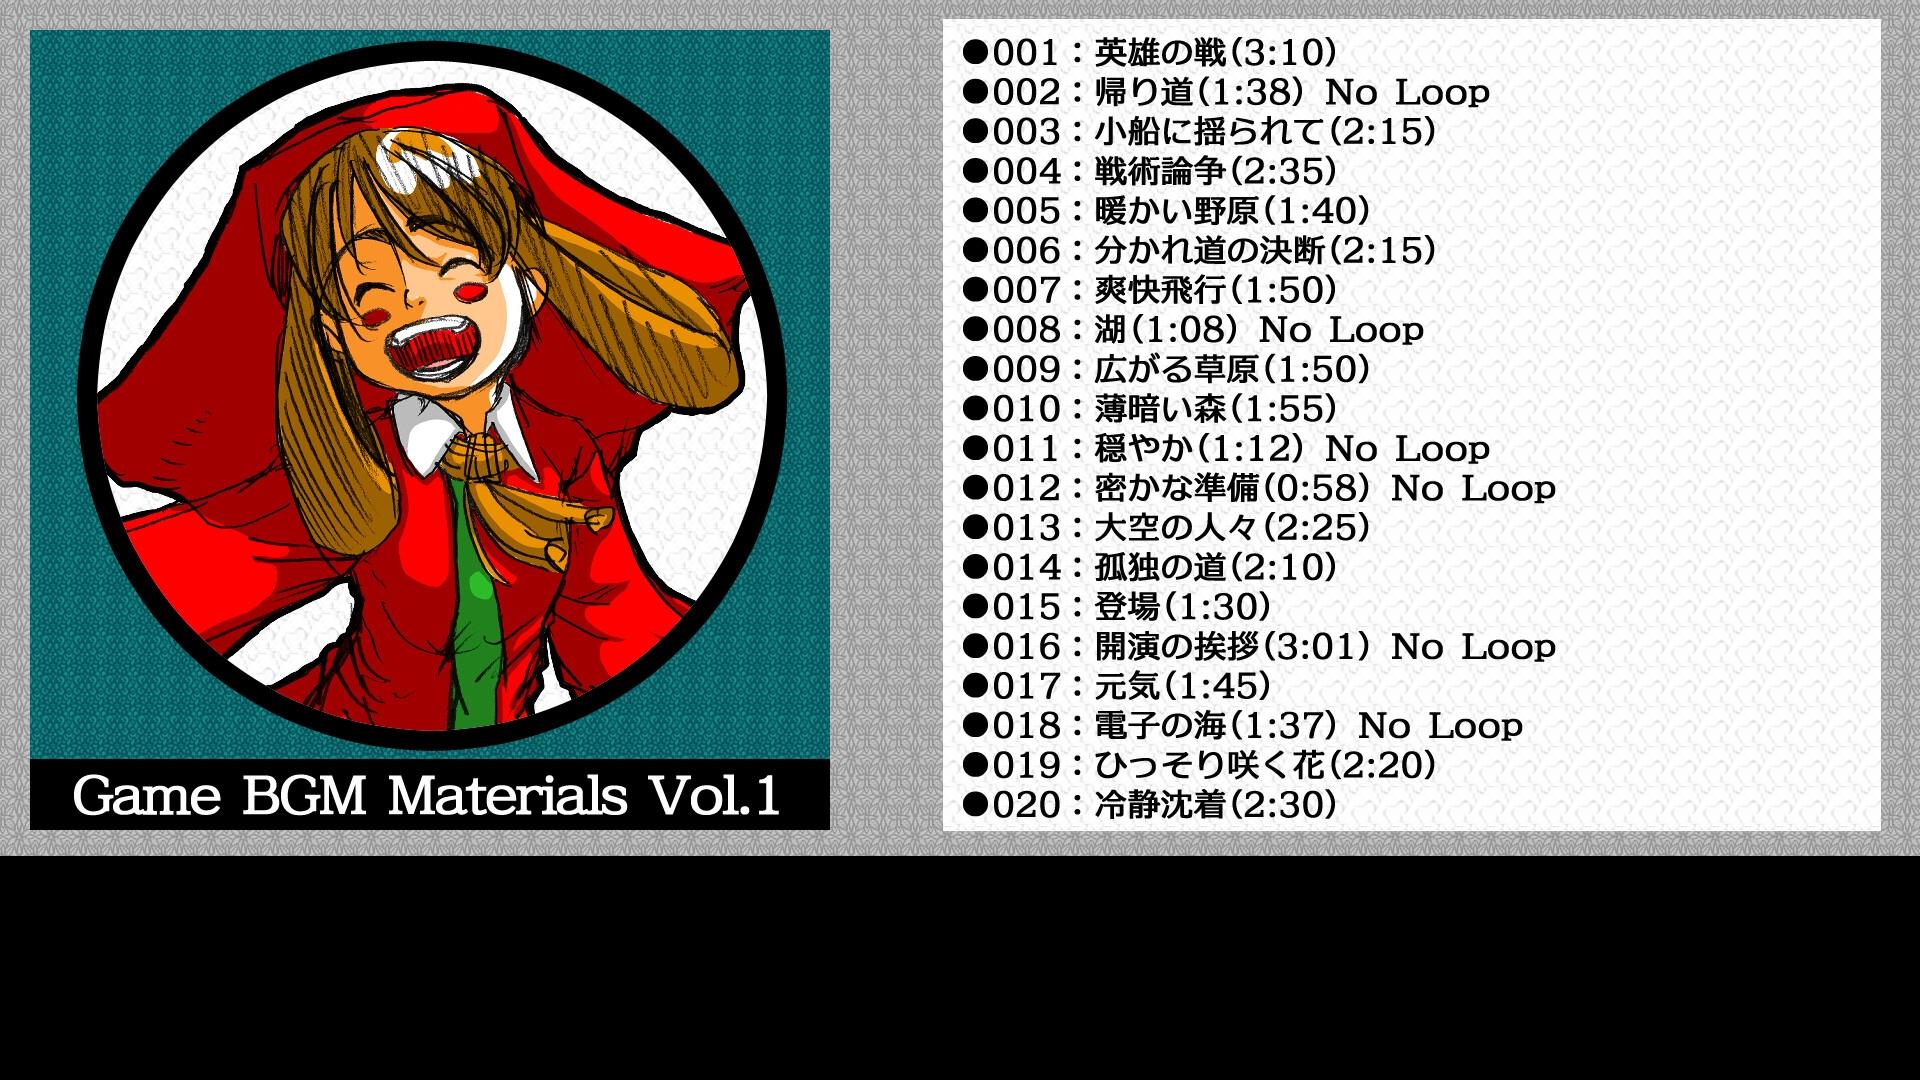 Game BGM Materials Vol.1